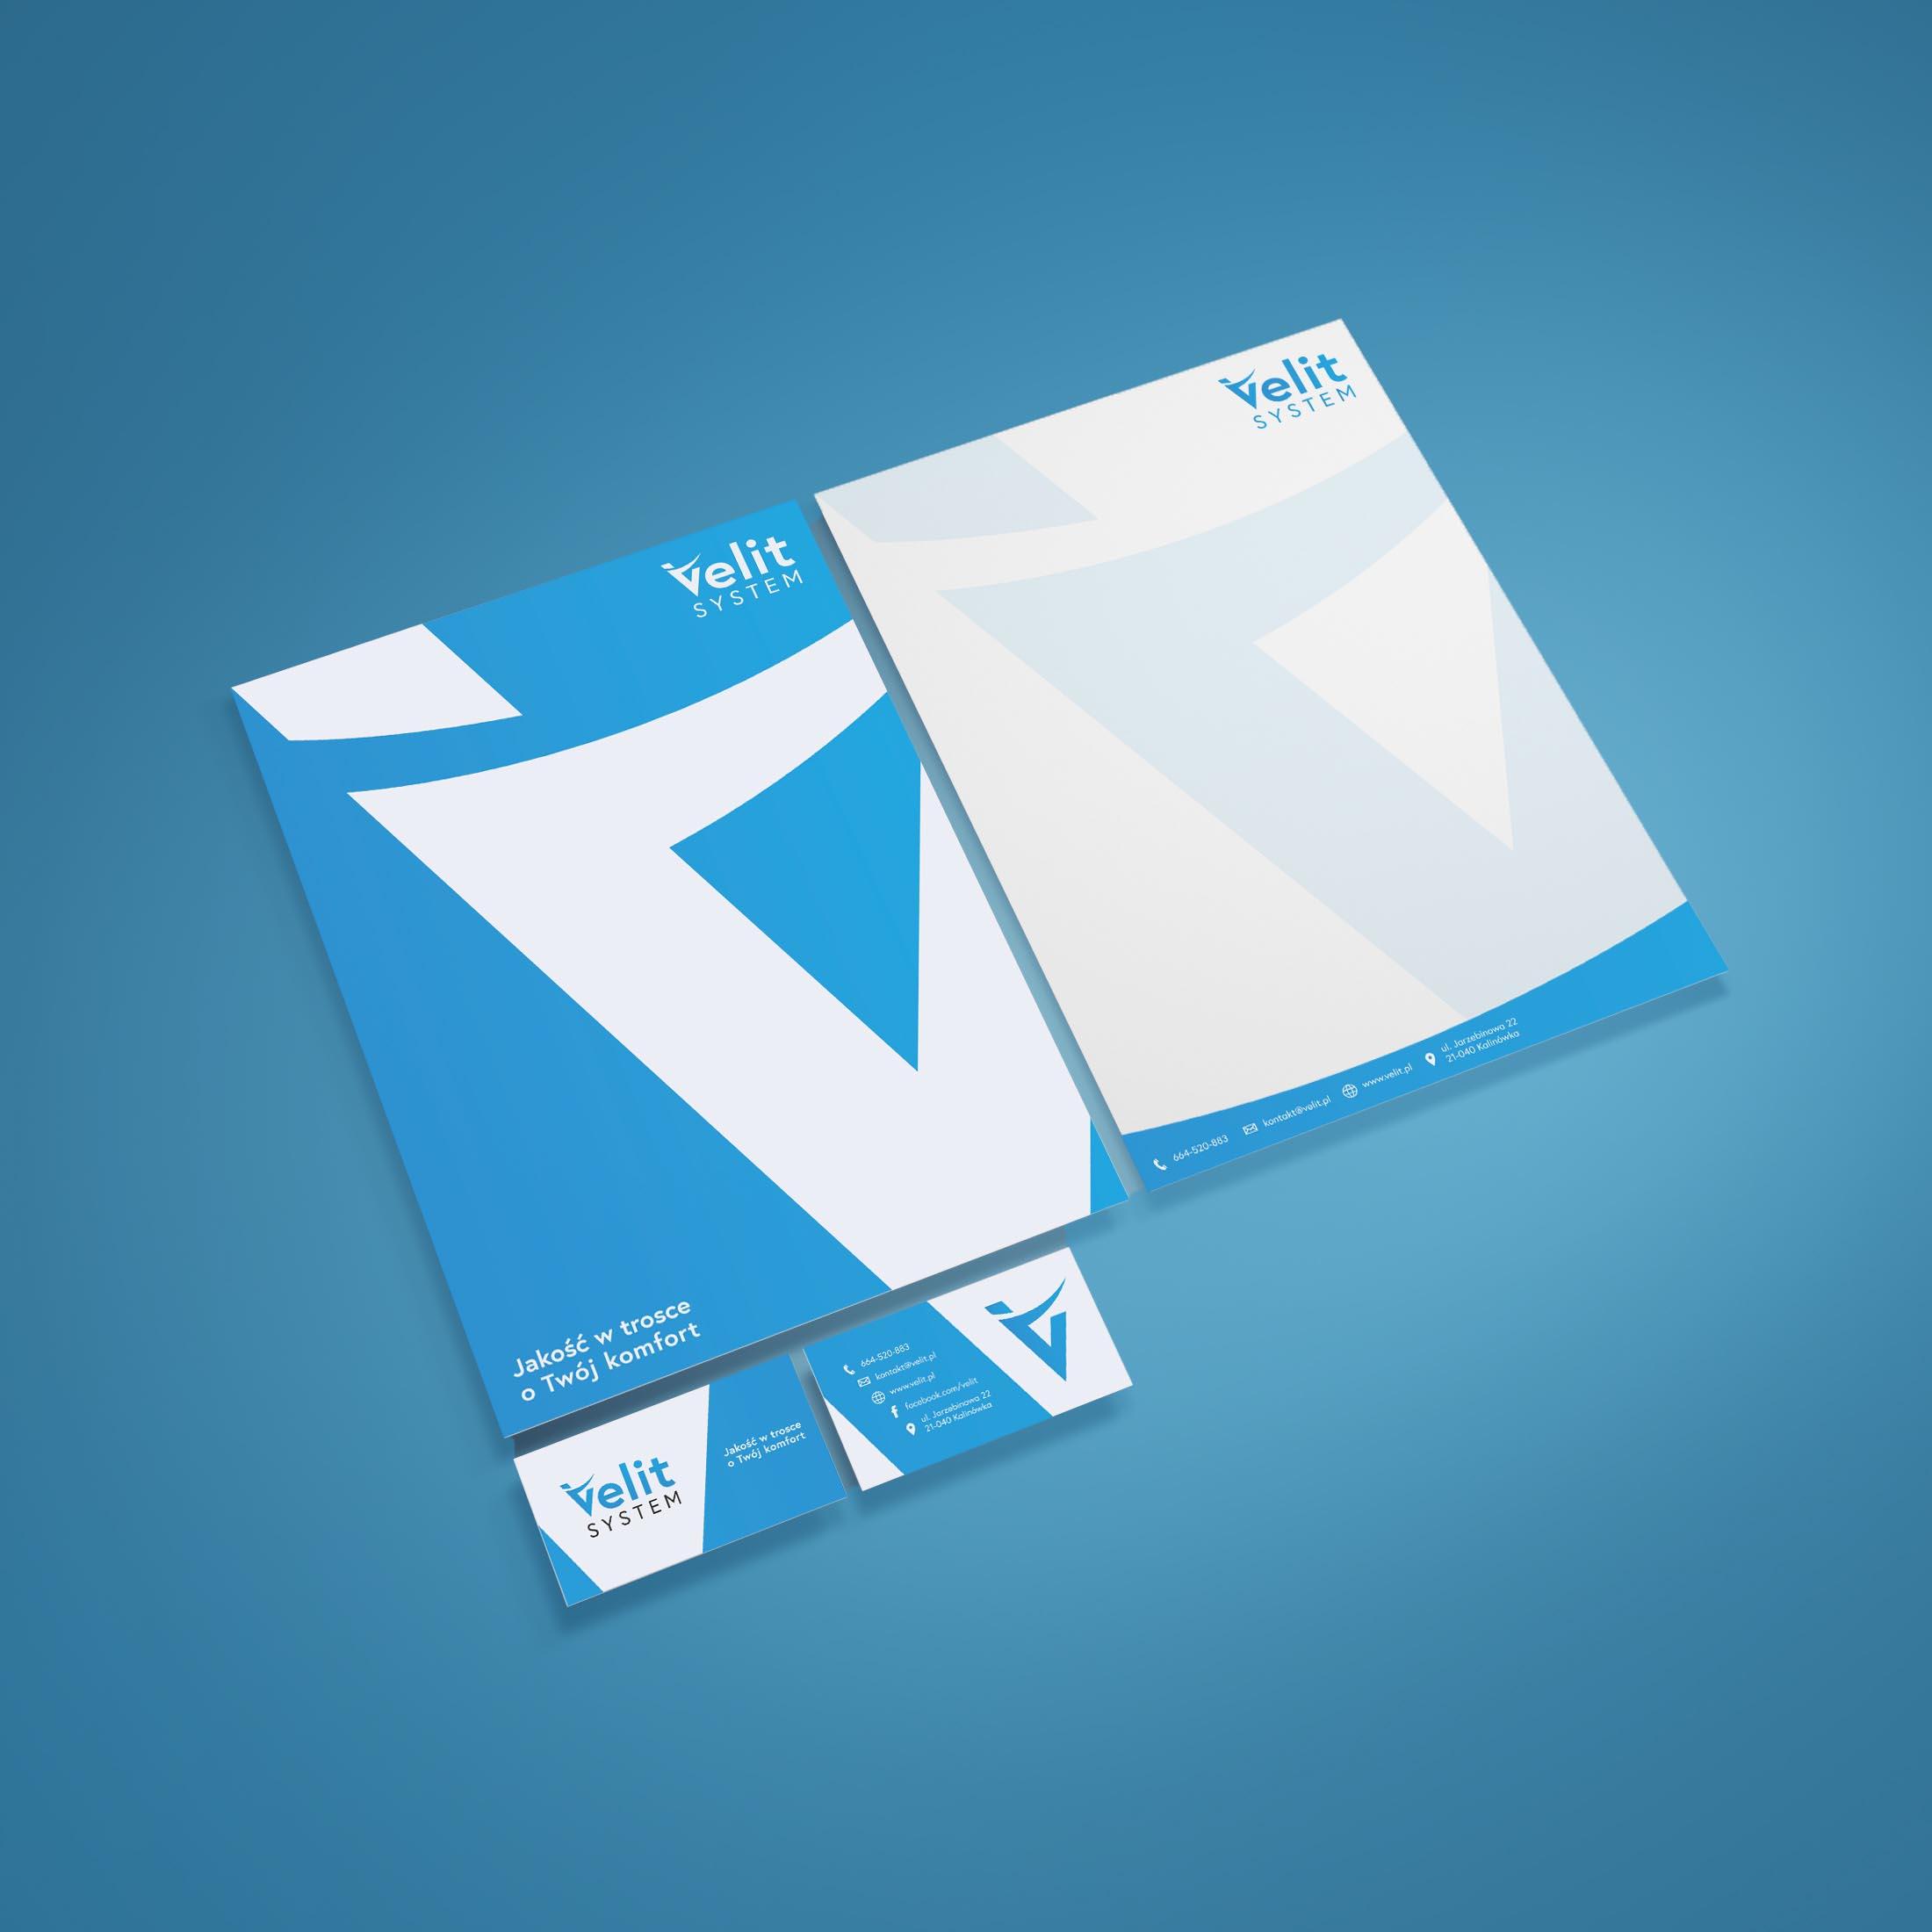 Branding velit 2